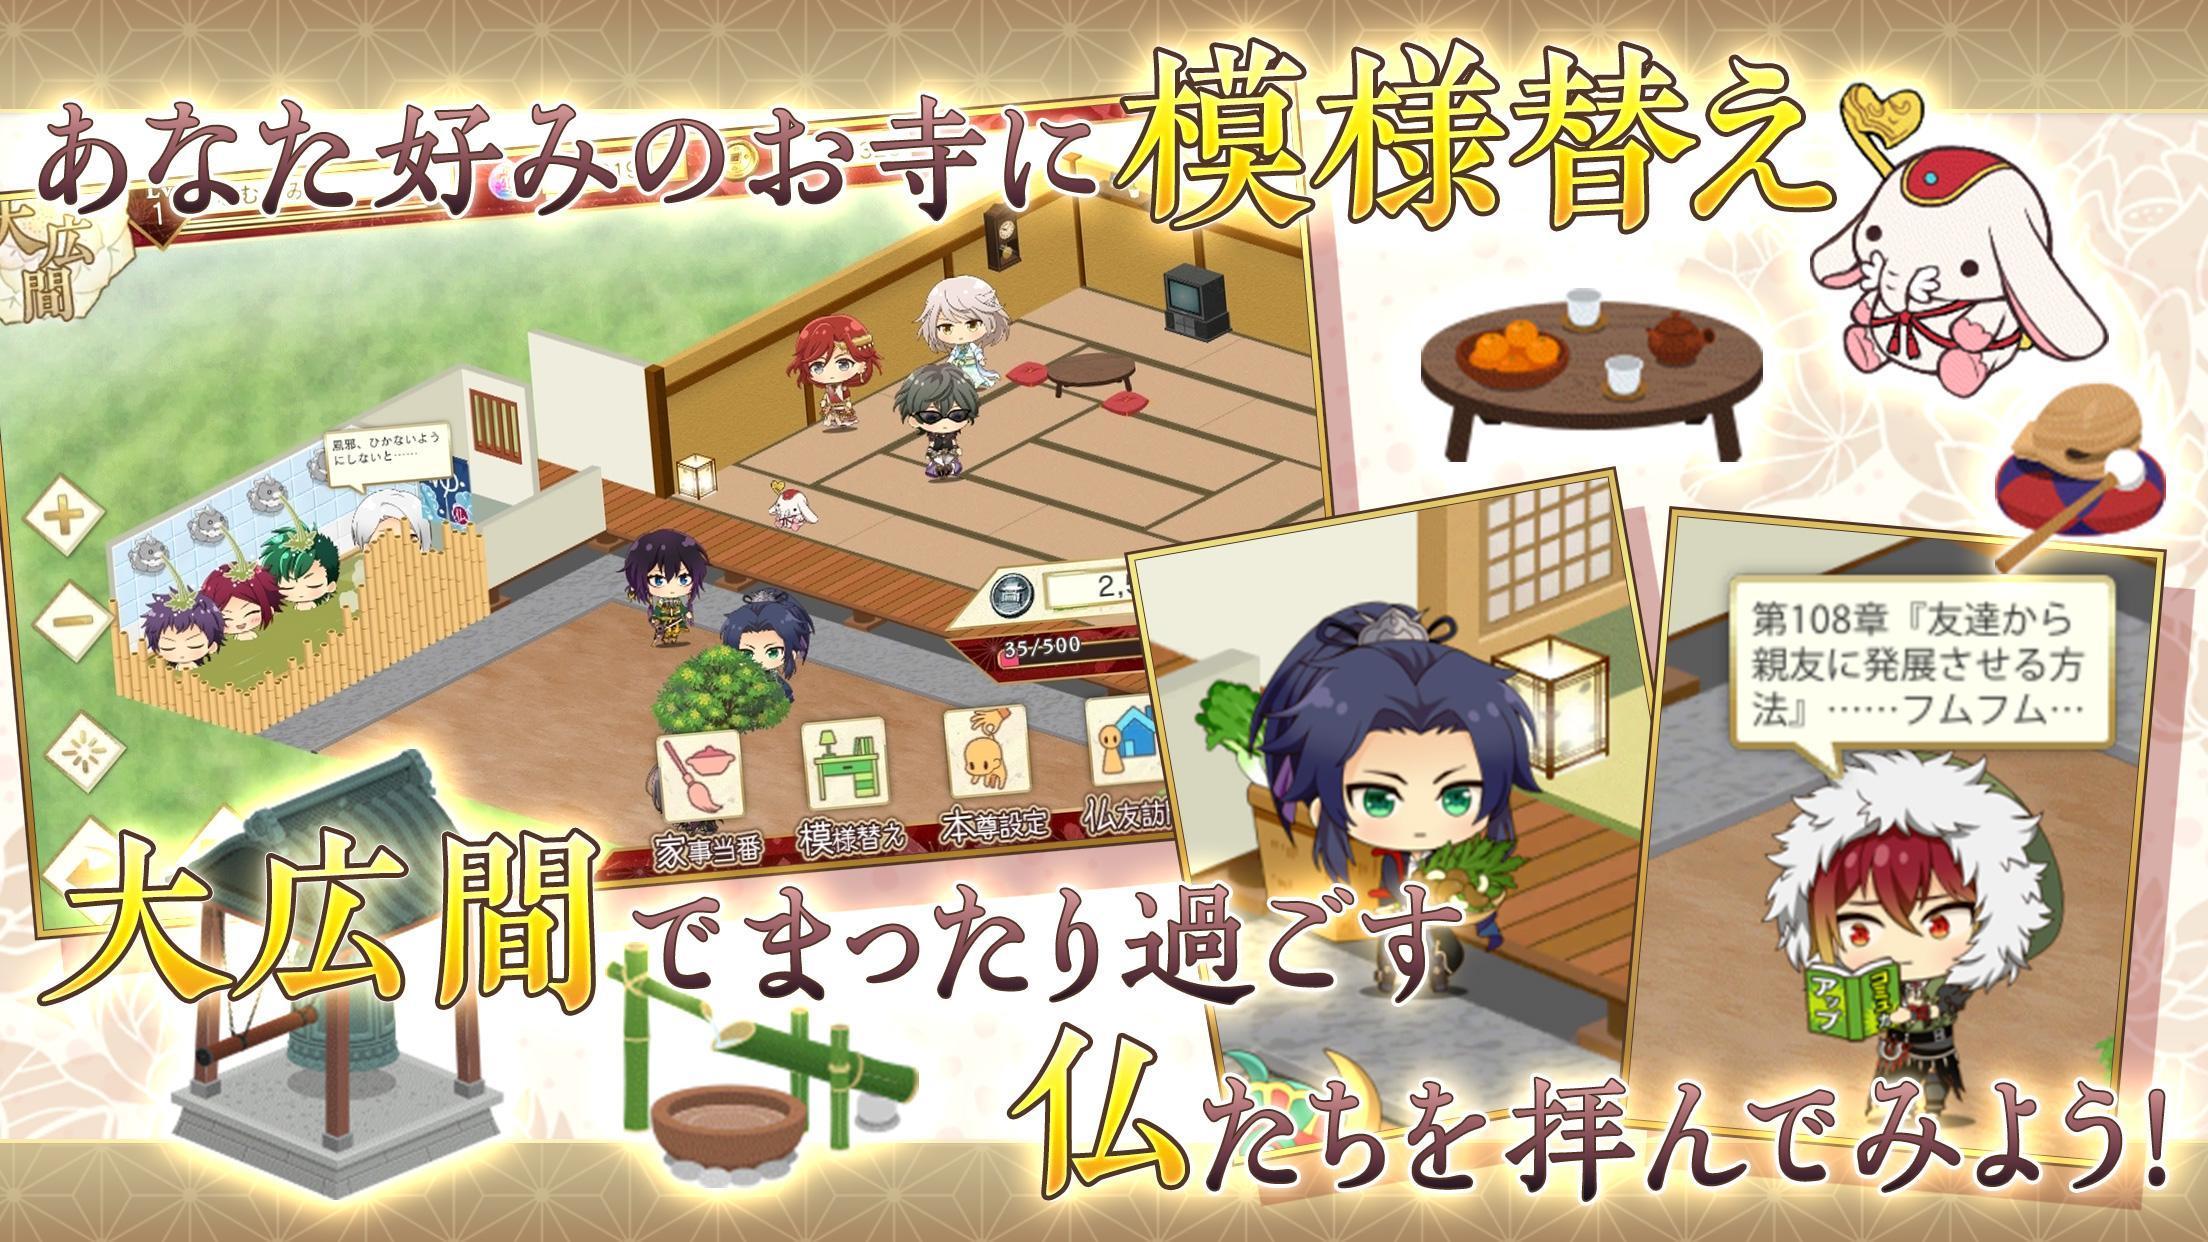 なむあみだ仏っ!-蓮台 UTENA- 1.1.17 Screenshot 4